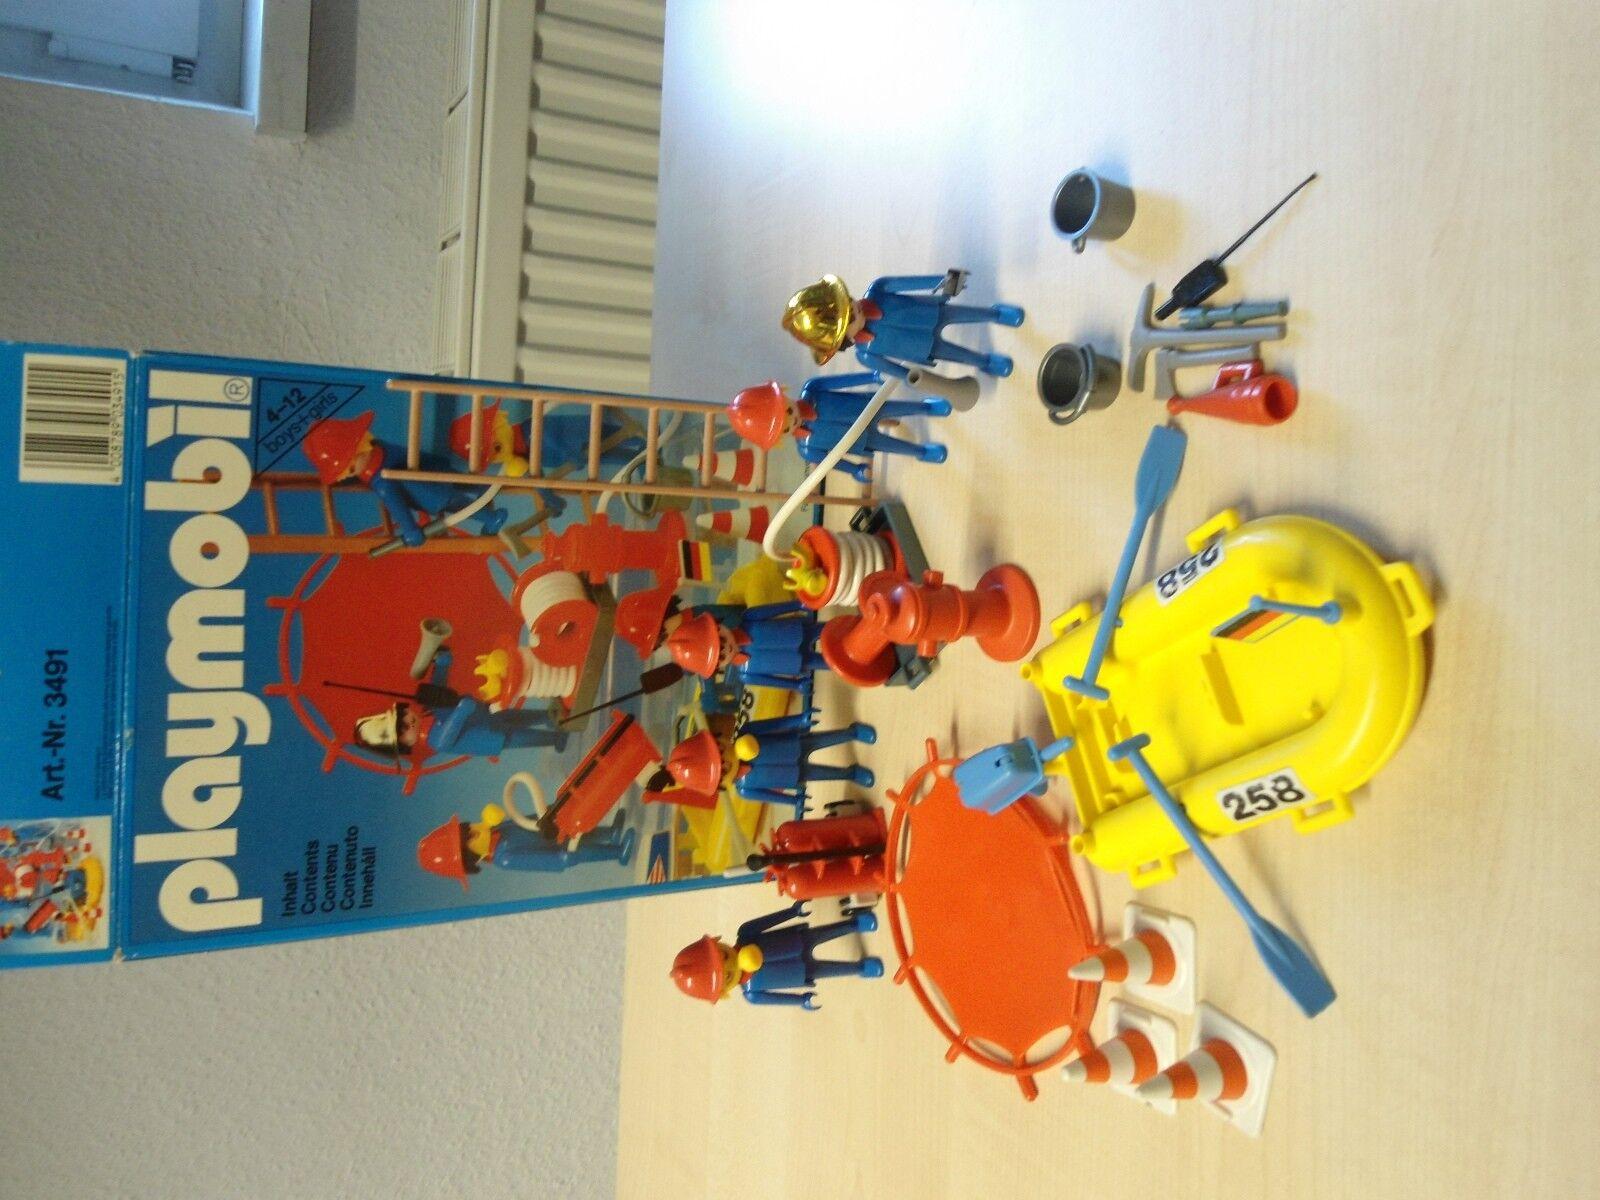 """Playmobil Klicky Set 3491 """"Feuerwehr """"Feuerwehr """"Feuerwehr   gebraucht c460e2"""